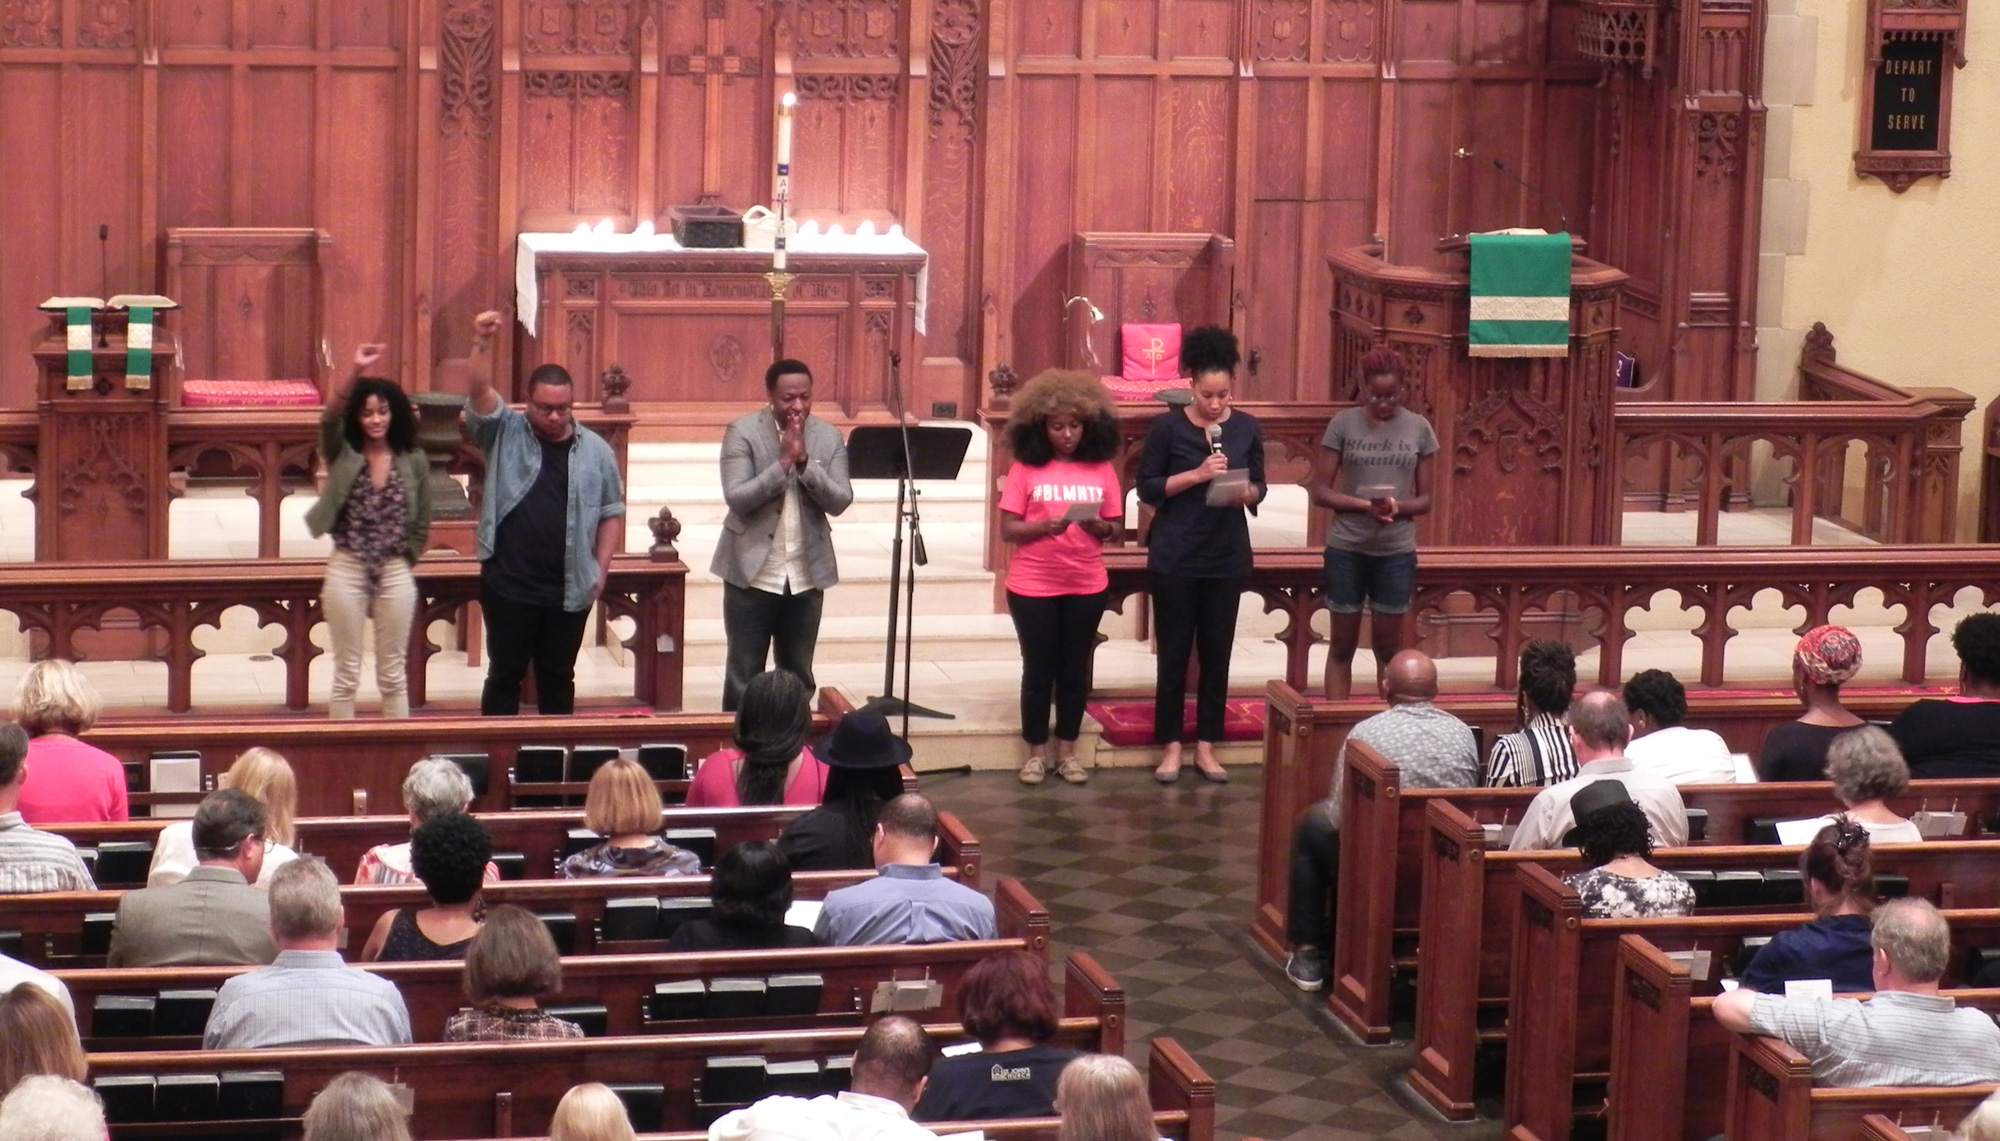 A Benediction Chant concludes the vigil